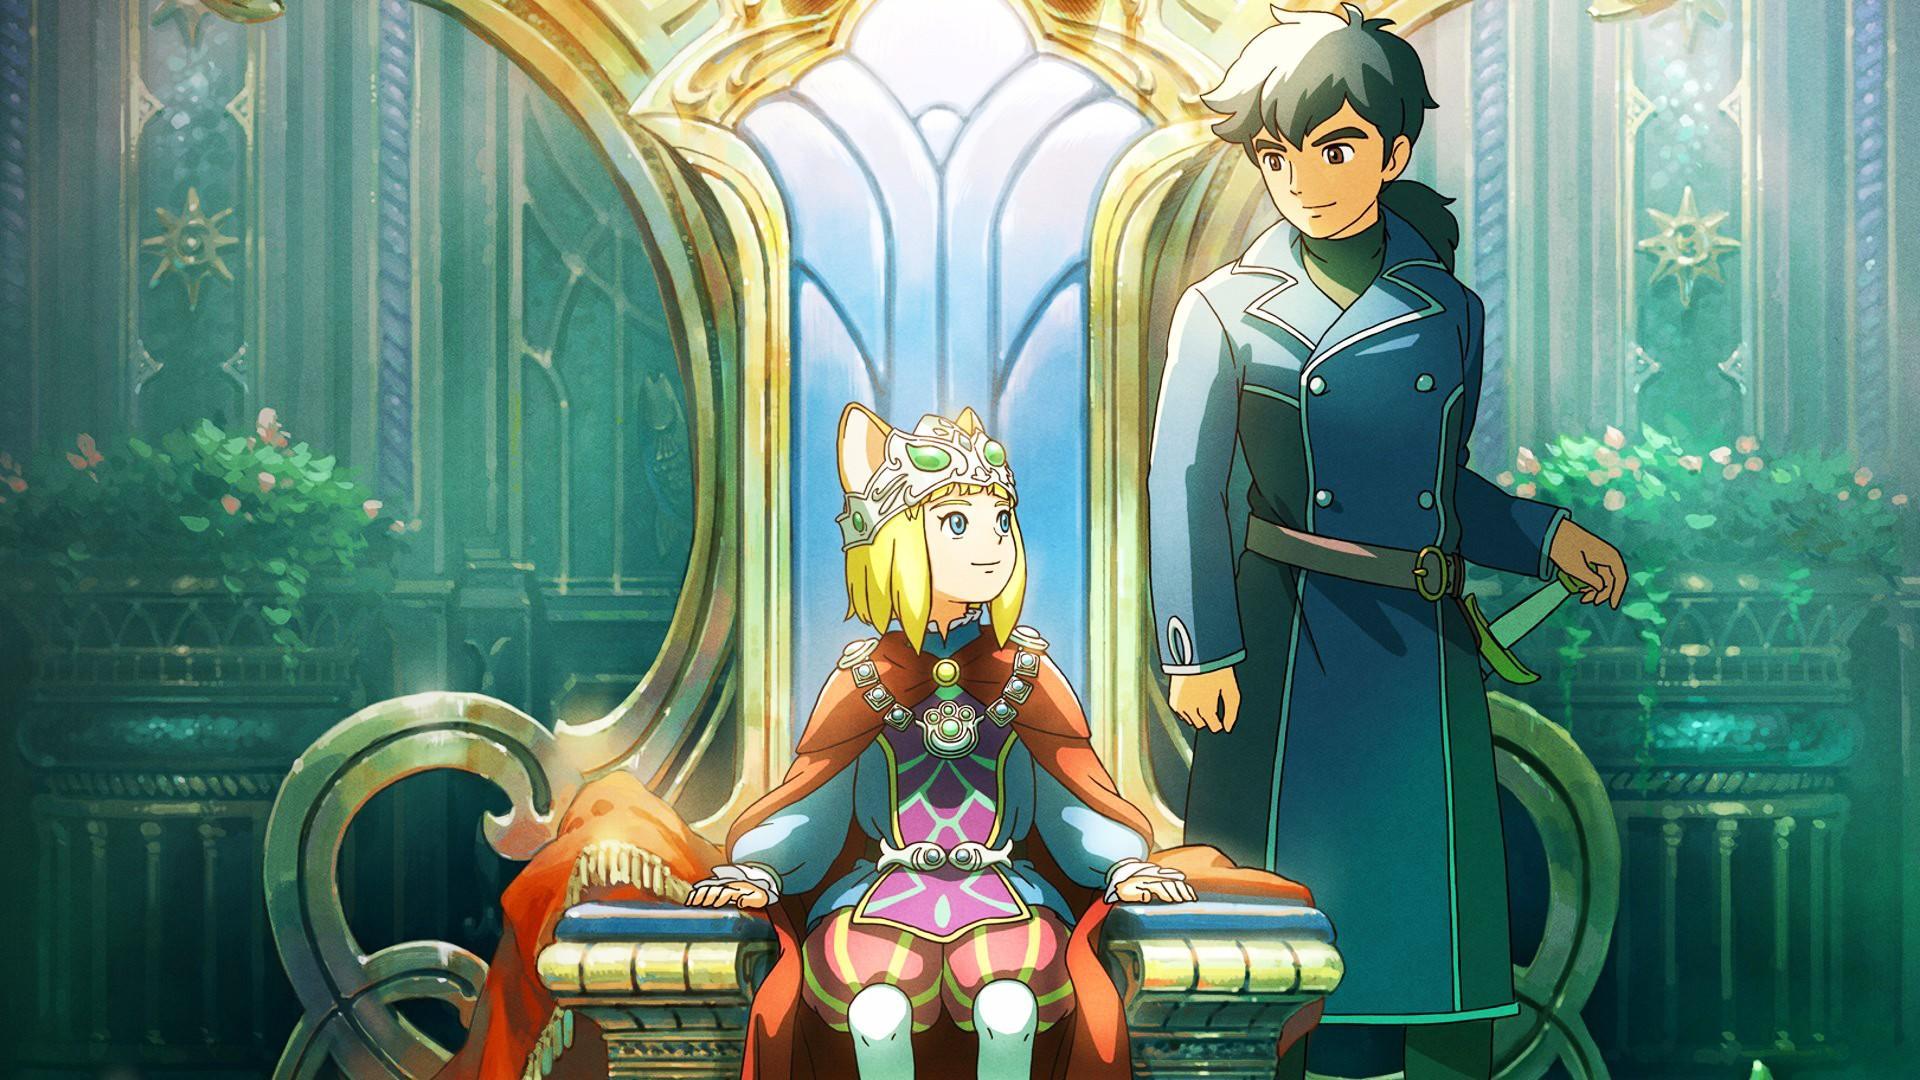 Полный набор - анонс Ni No Kuni II: Revenant Kingdom для Nintendo Switch, игра будет на русском языке со всеми DLC 3